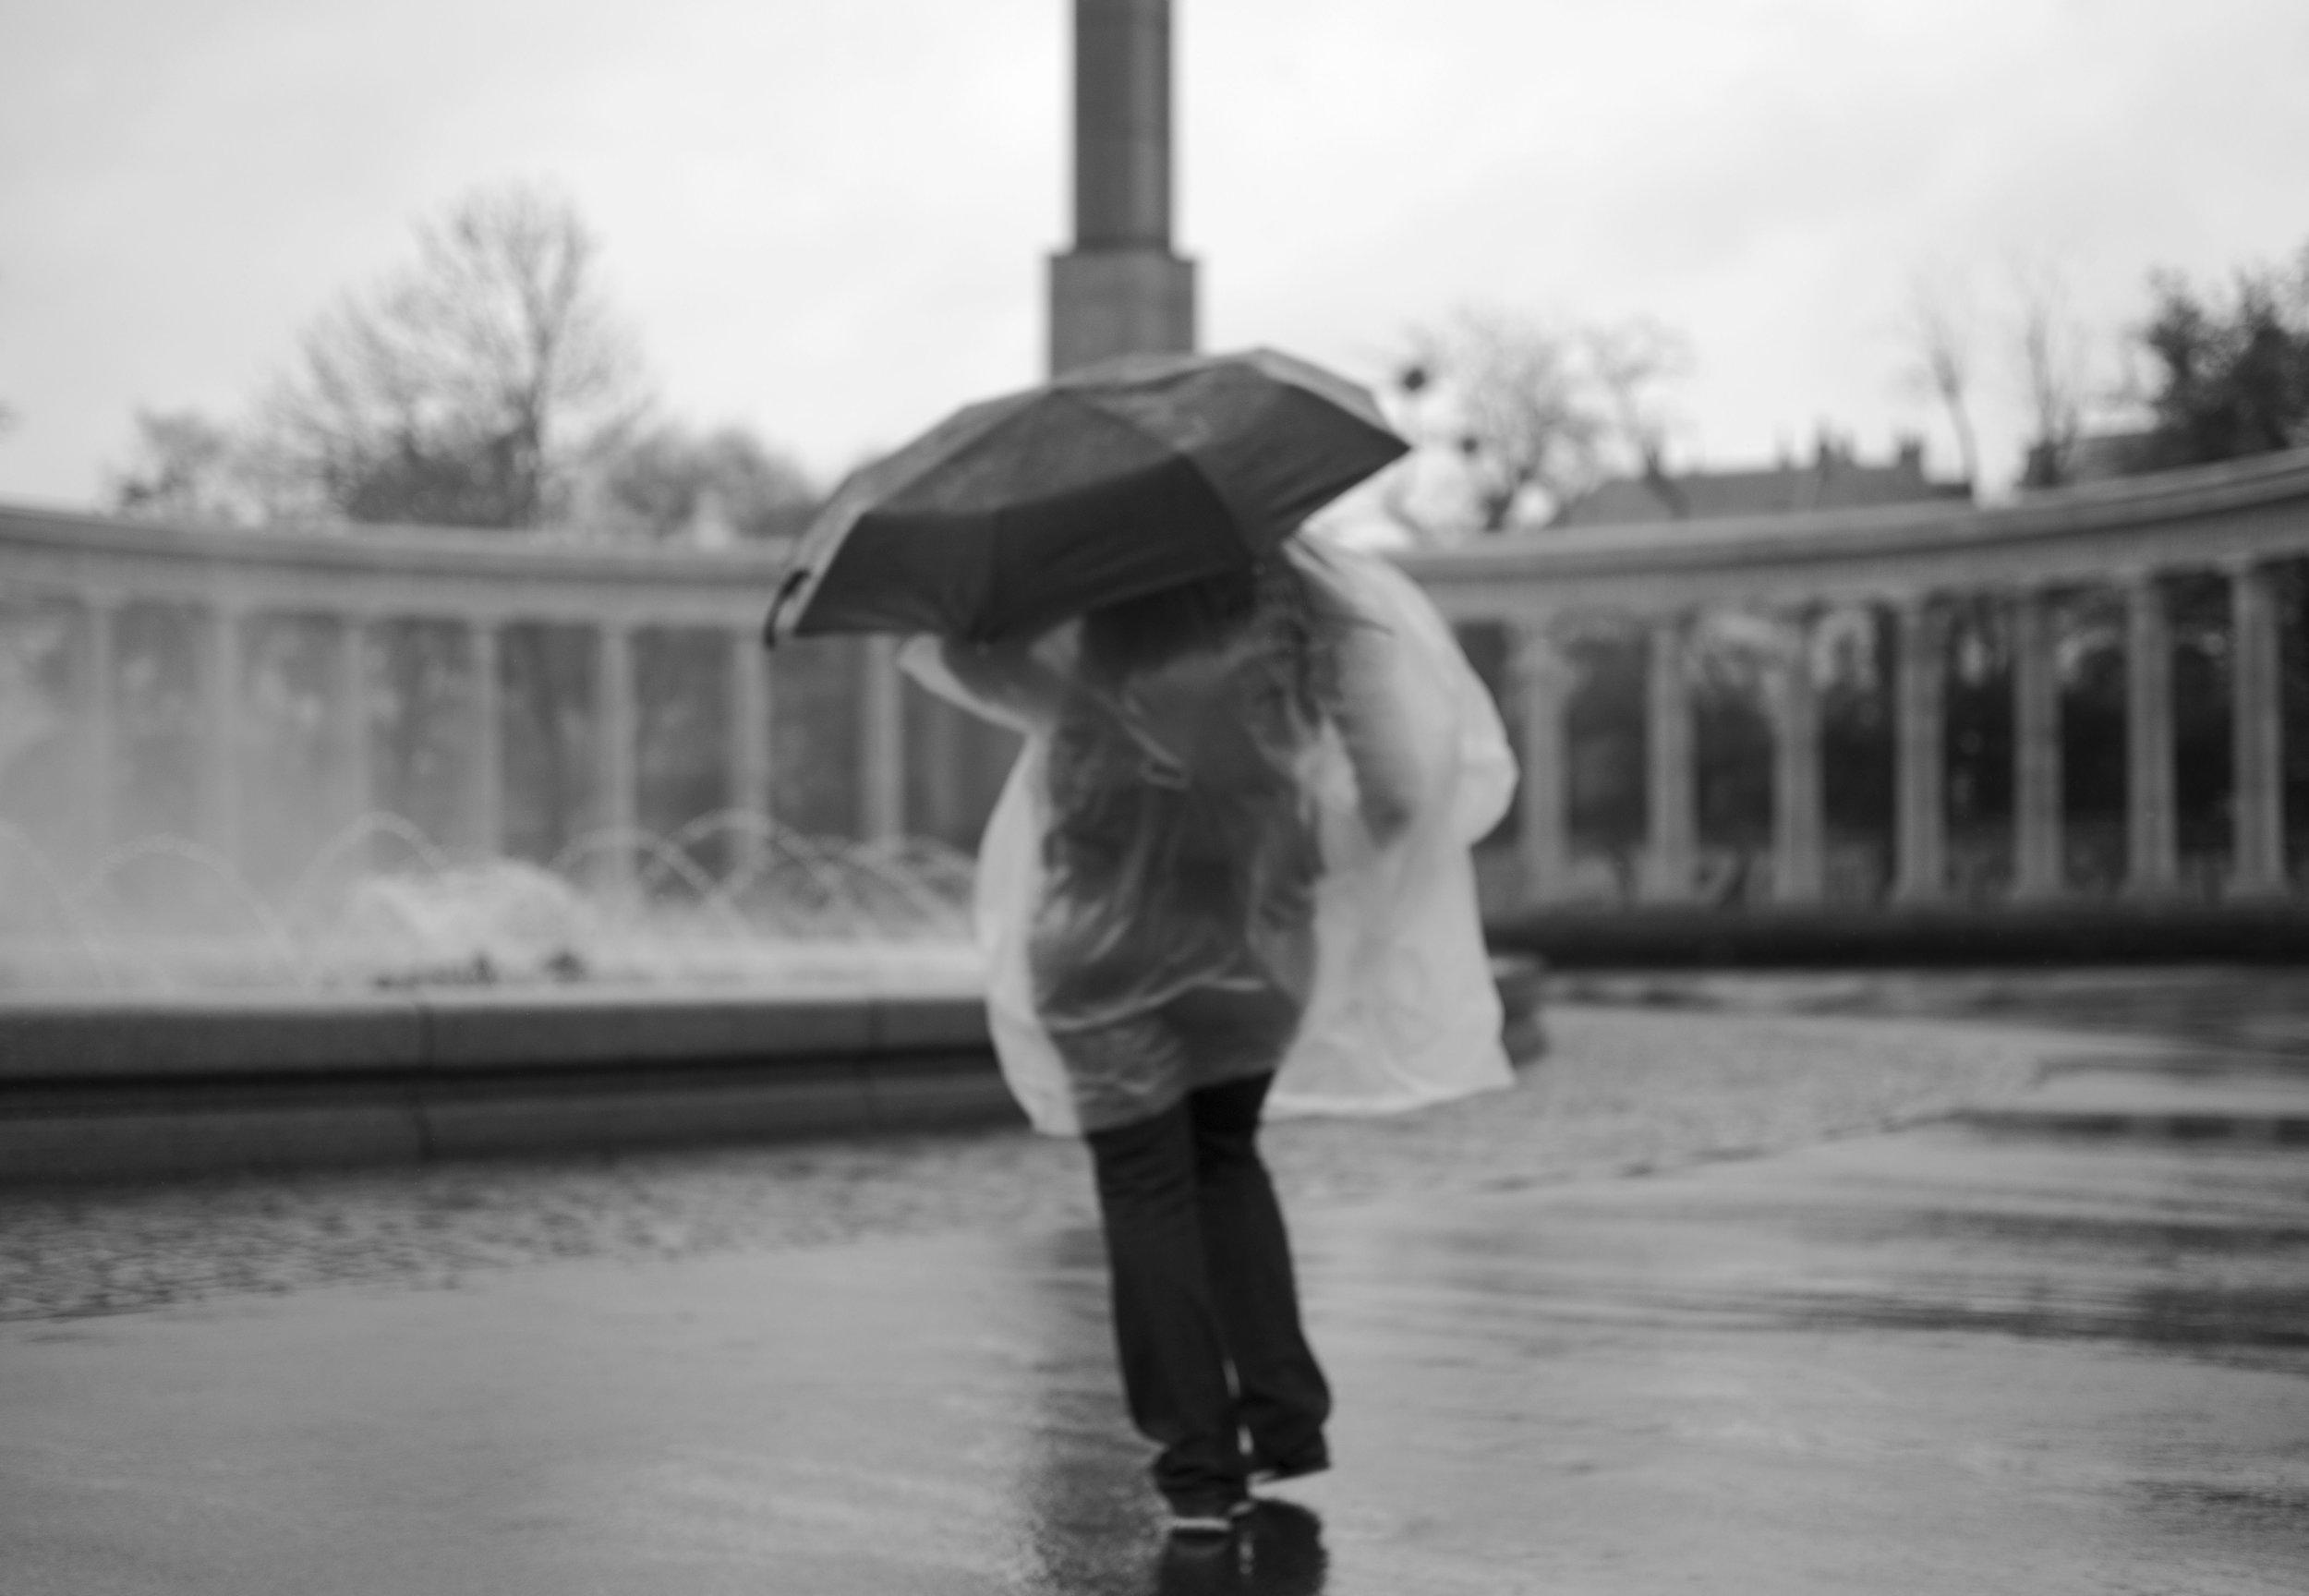 160420_Schwarzenbergplatz_Rain_sw.jpg